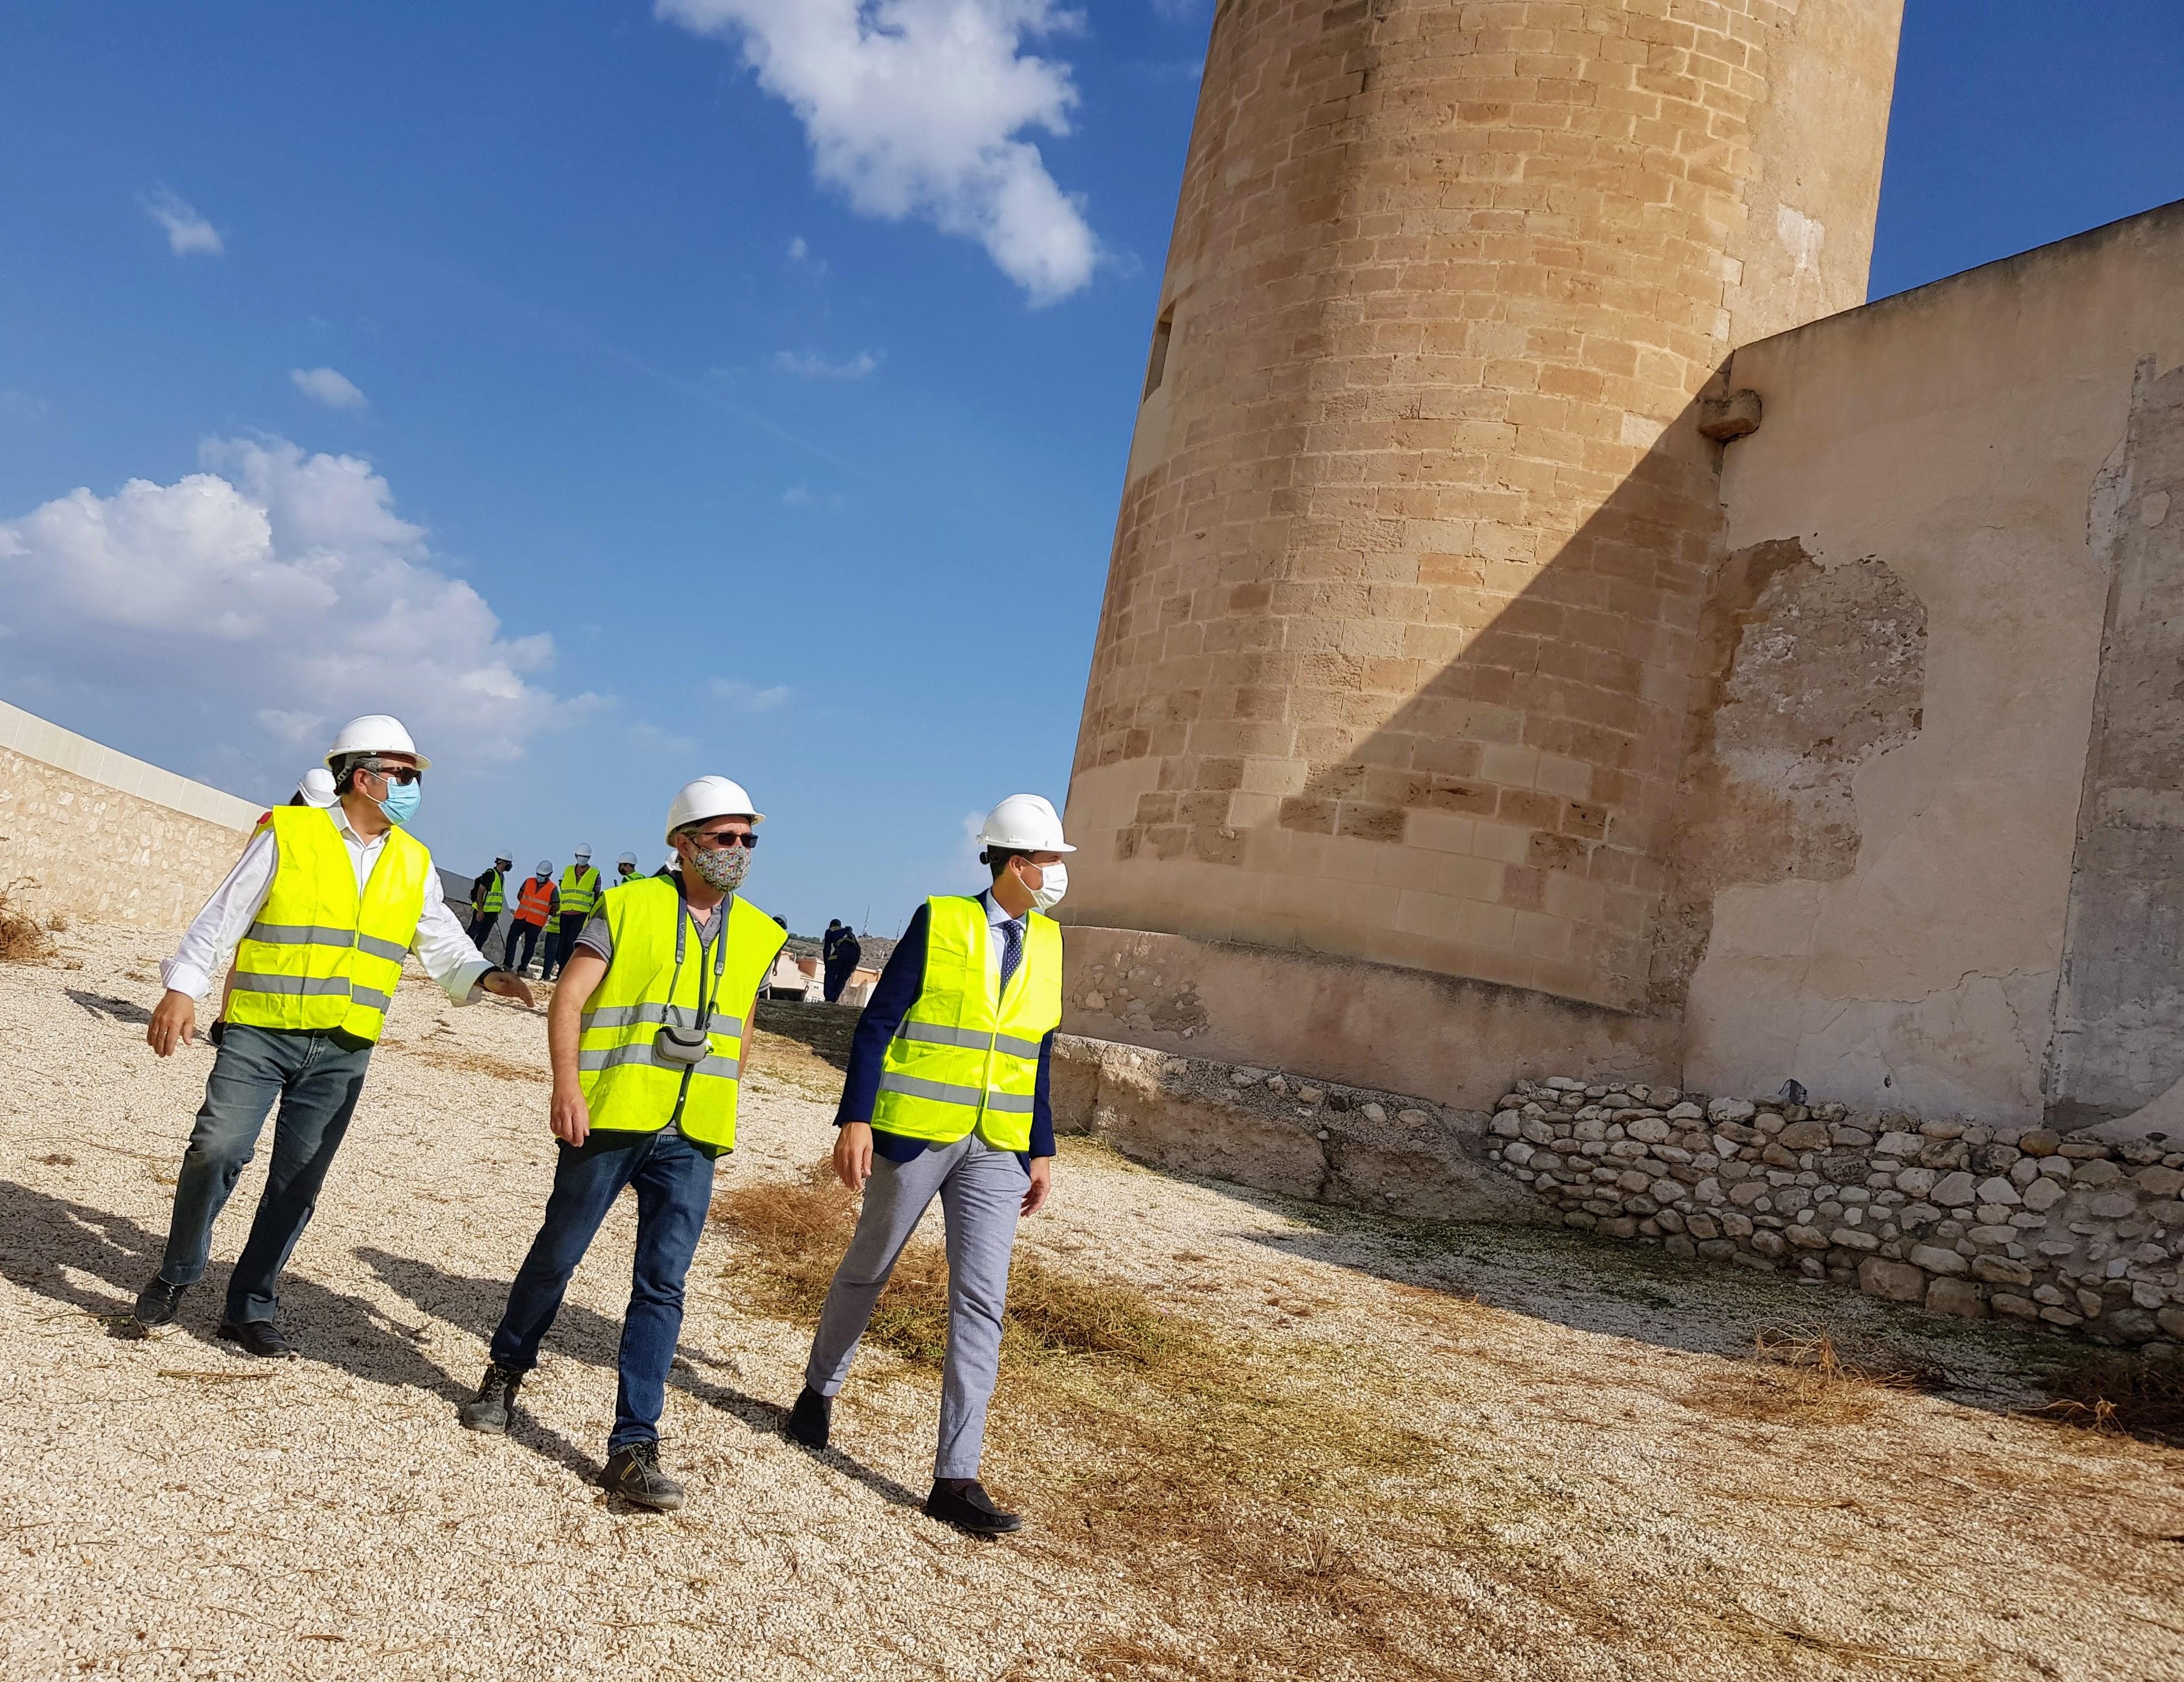 El Ayuntamiento de Elda reinicia los trabajos de rehabilitación del Castillo y adjudica las obras de recuperación de la puerta del antemural